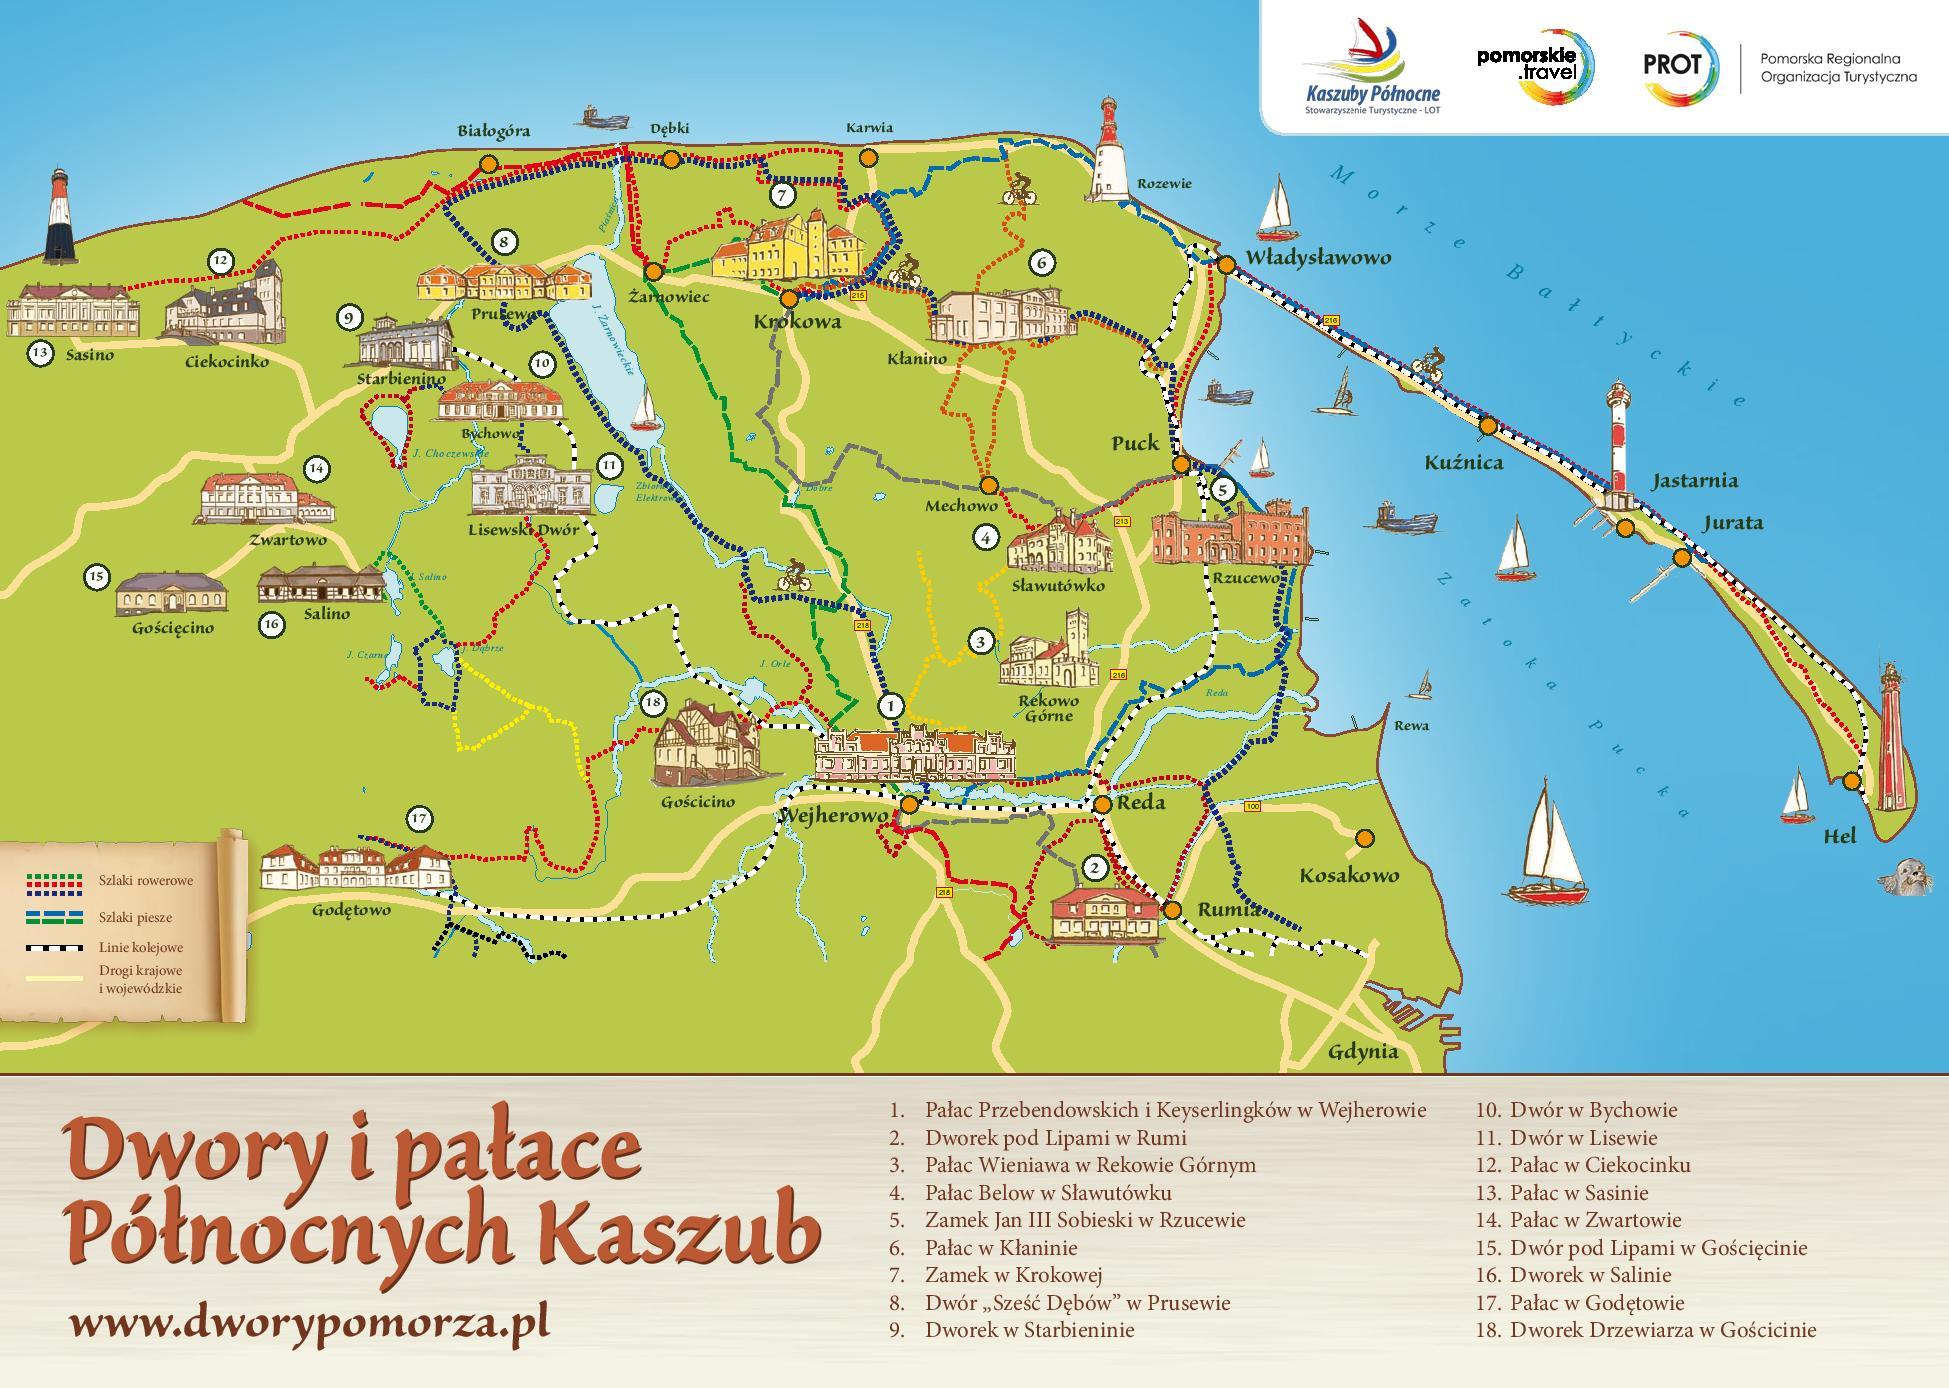 dwory-i-palace-Kaszuby